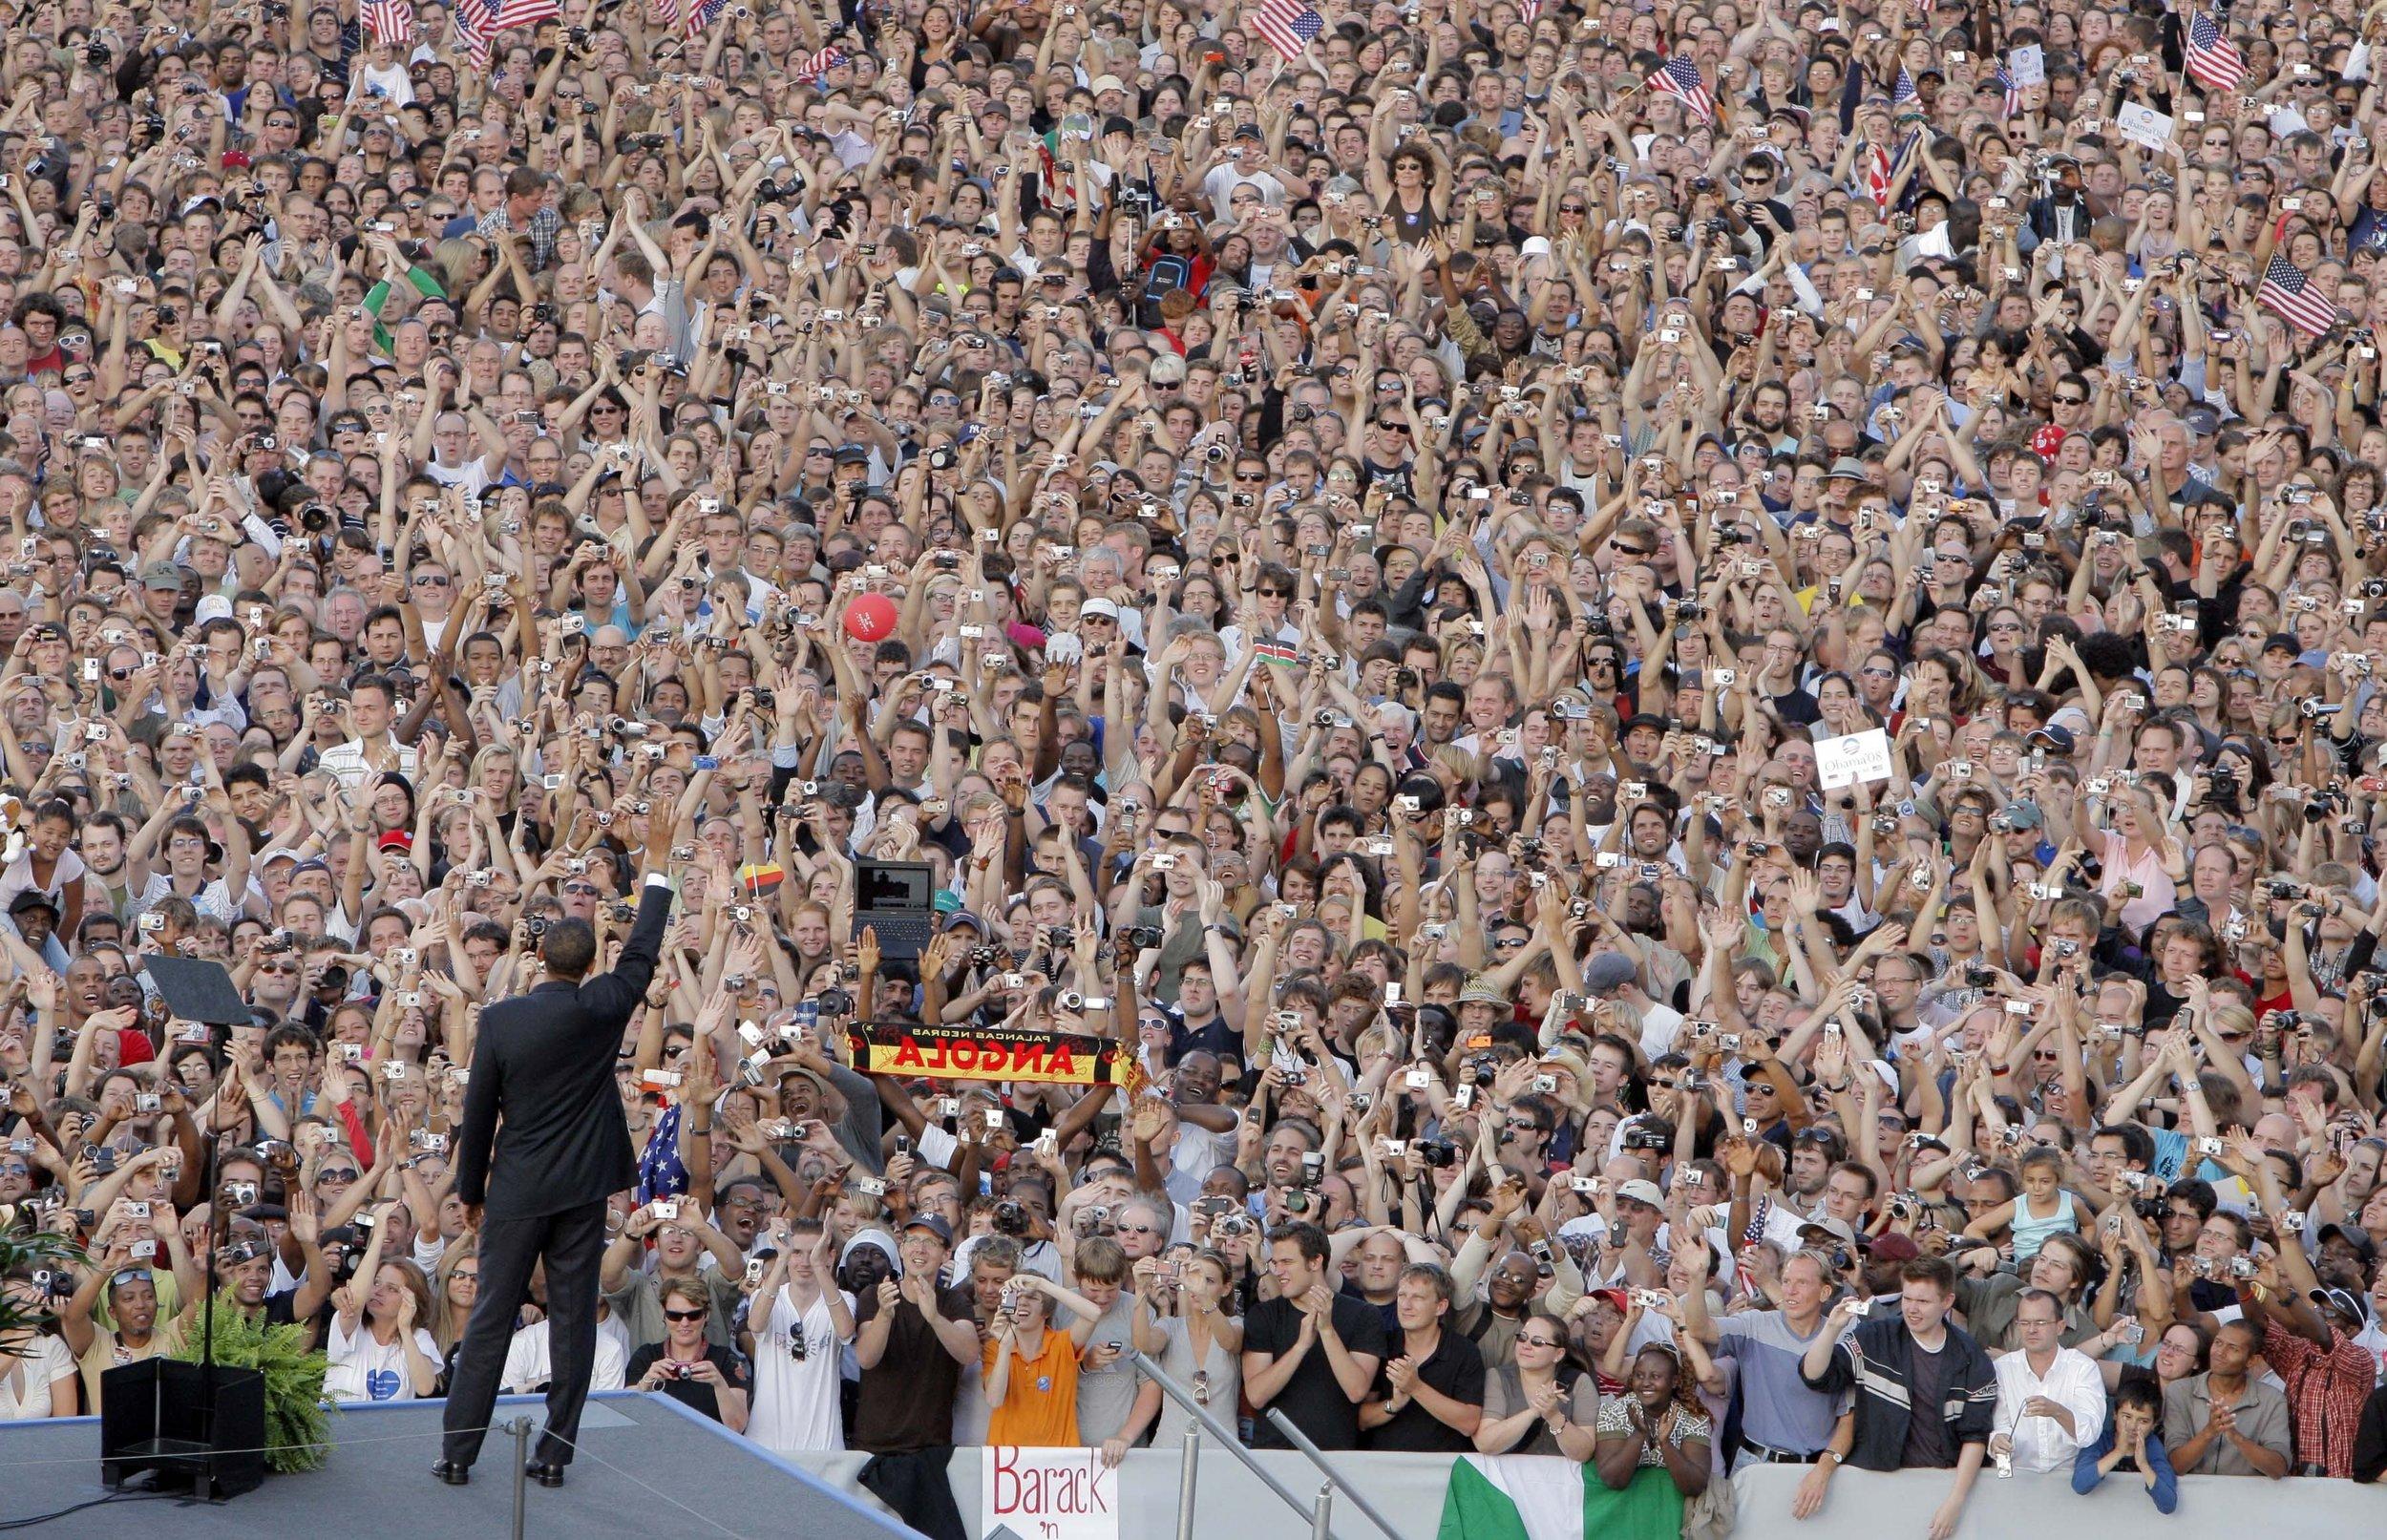 Avviare un Cambiamento Storico - Jessica ha diretto 290 membri di staff di tutti i 9 principali stati, terreni di scontro, durante la storica campagna elettorale del 2008 di Barack Obama. Questi leader hanno costruito team di comando, strategie per la campagna elettorale, individuato elettori, reclutato volontari e condotto la più grande campagna porta a porta nella storia degli USA.